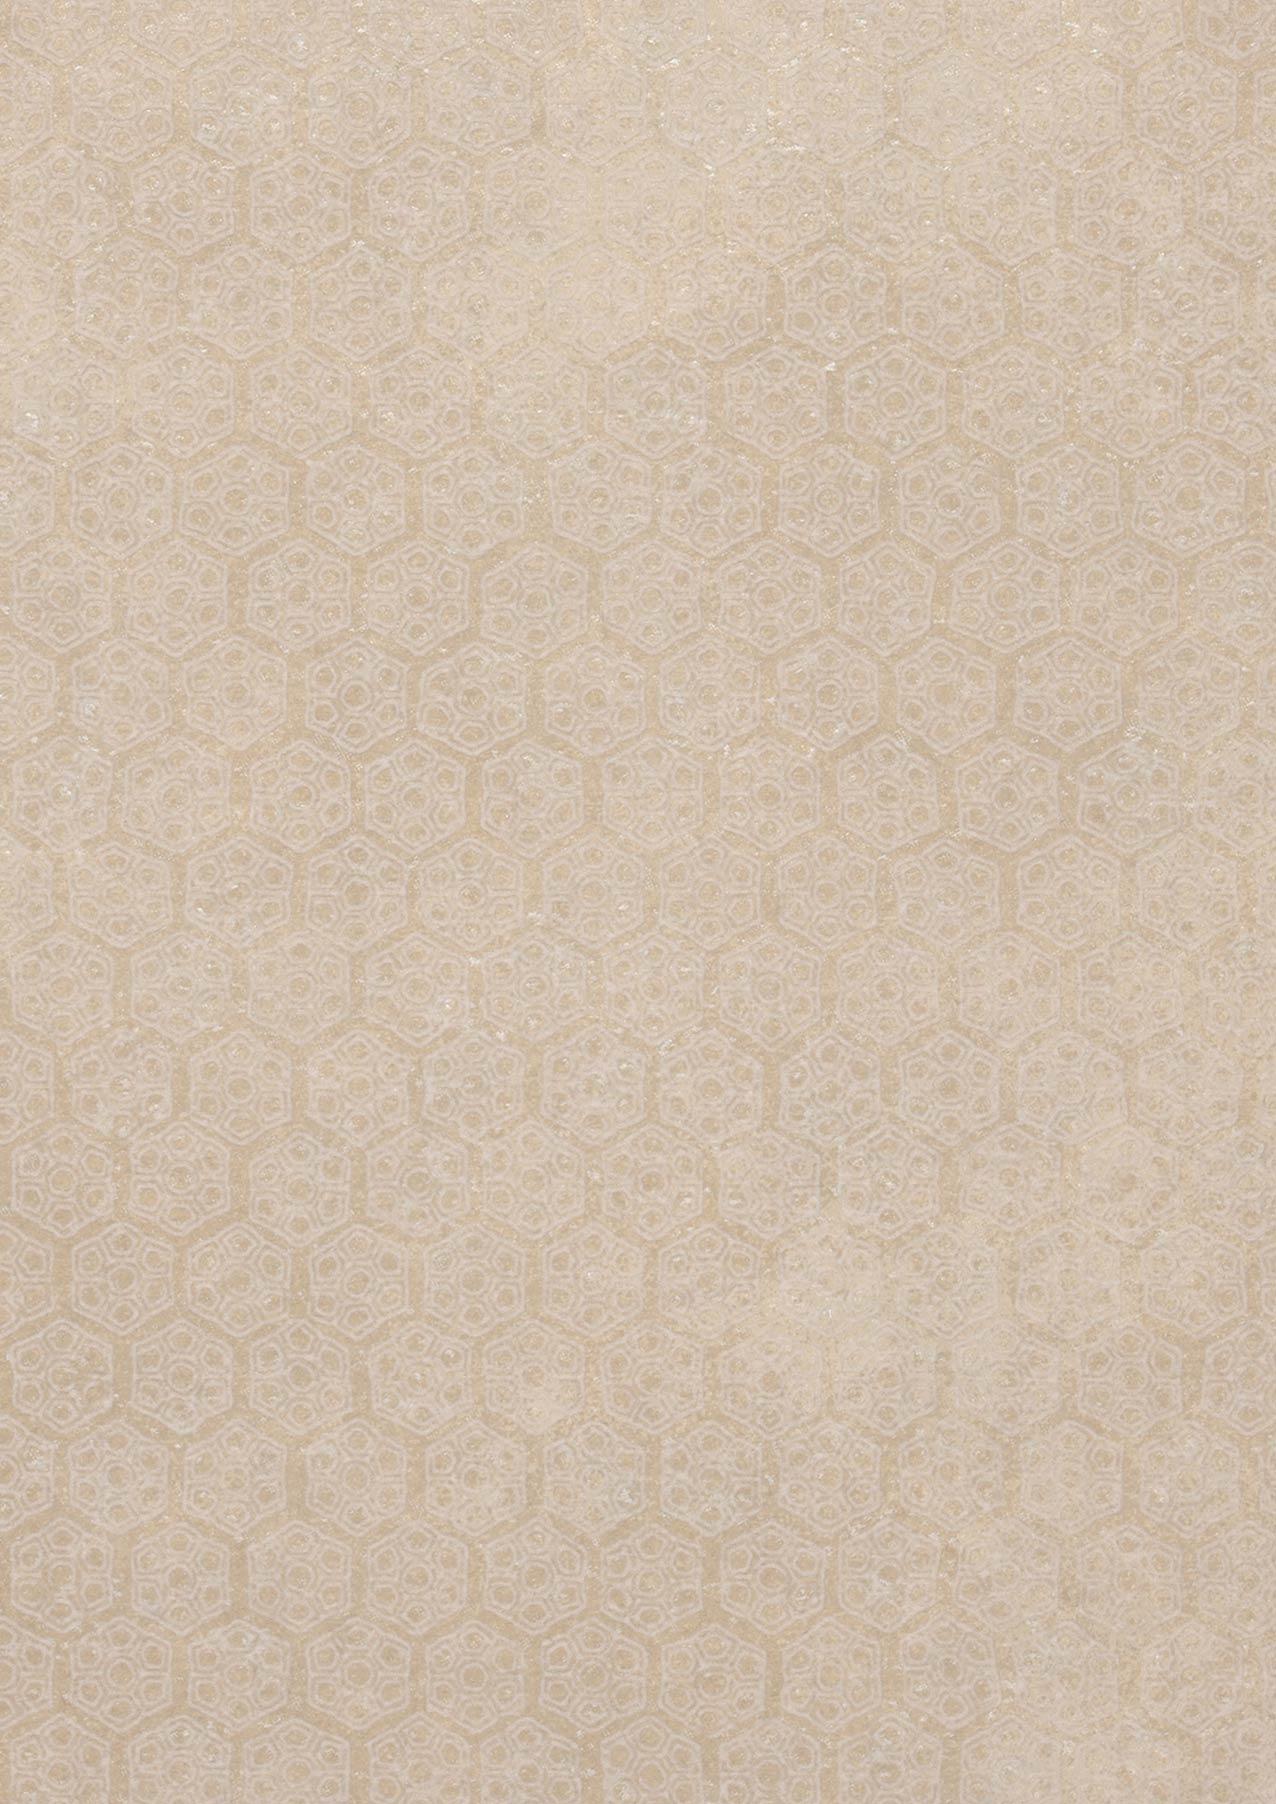 Carta da parati imana beige bianco crema carta da for Carta da parati beige